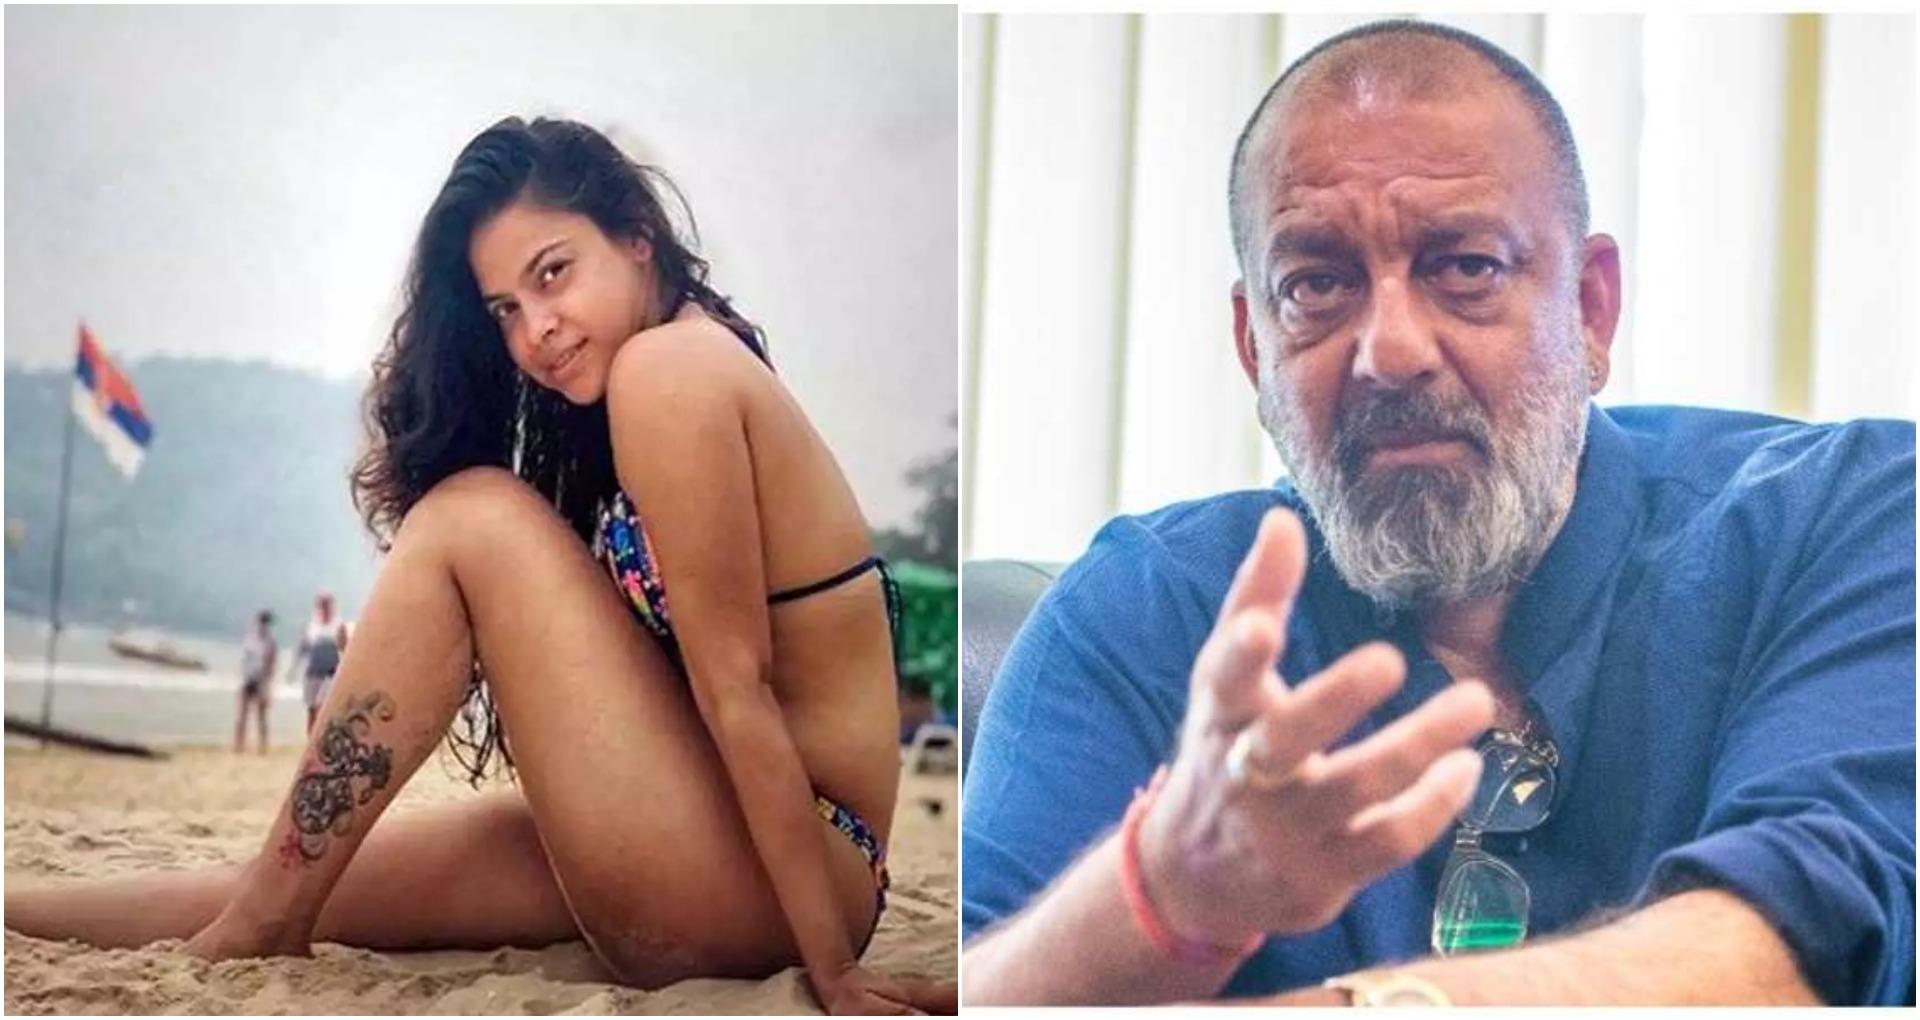 Trending News: संजय दत्त ने दी मधुरिमा तुली को सलाह, कपिल शर्मा की रील लाइफ पत्नी की बिकिनी तस्वीरें वायरल